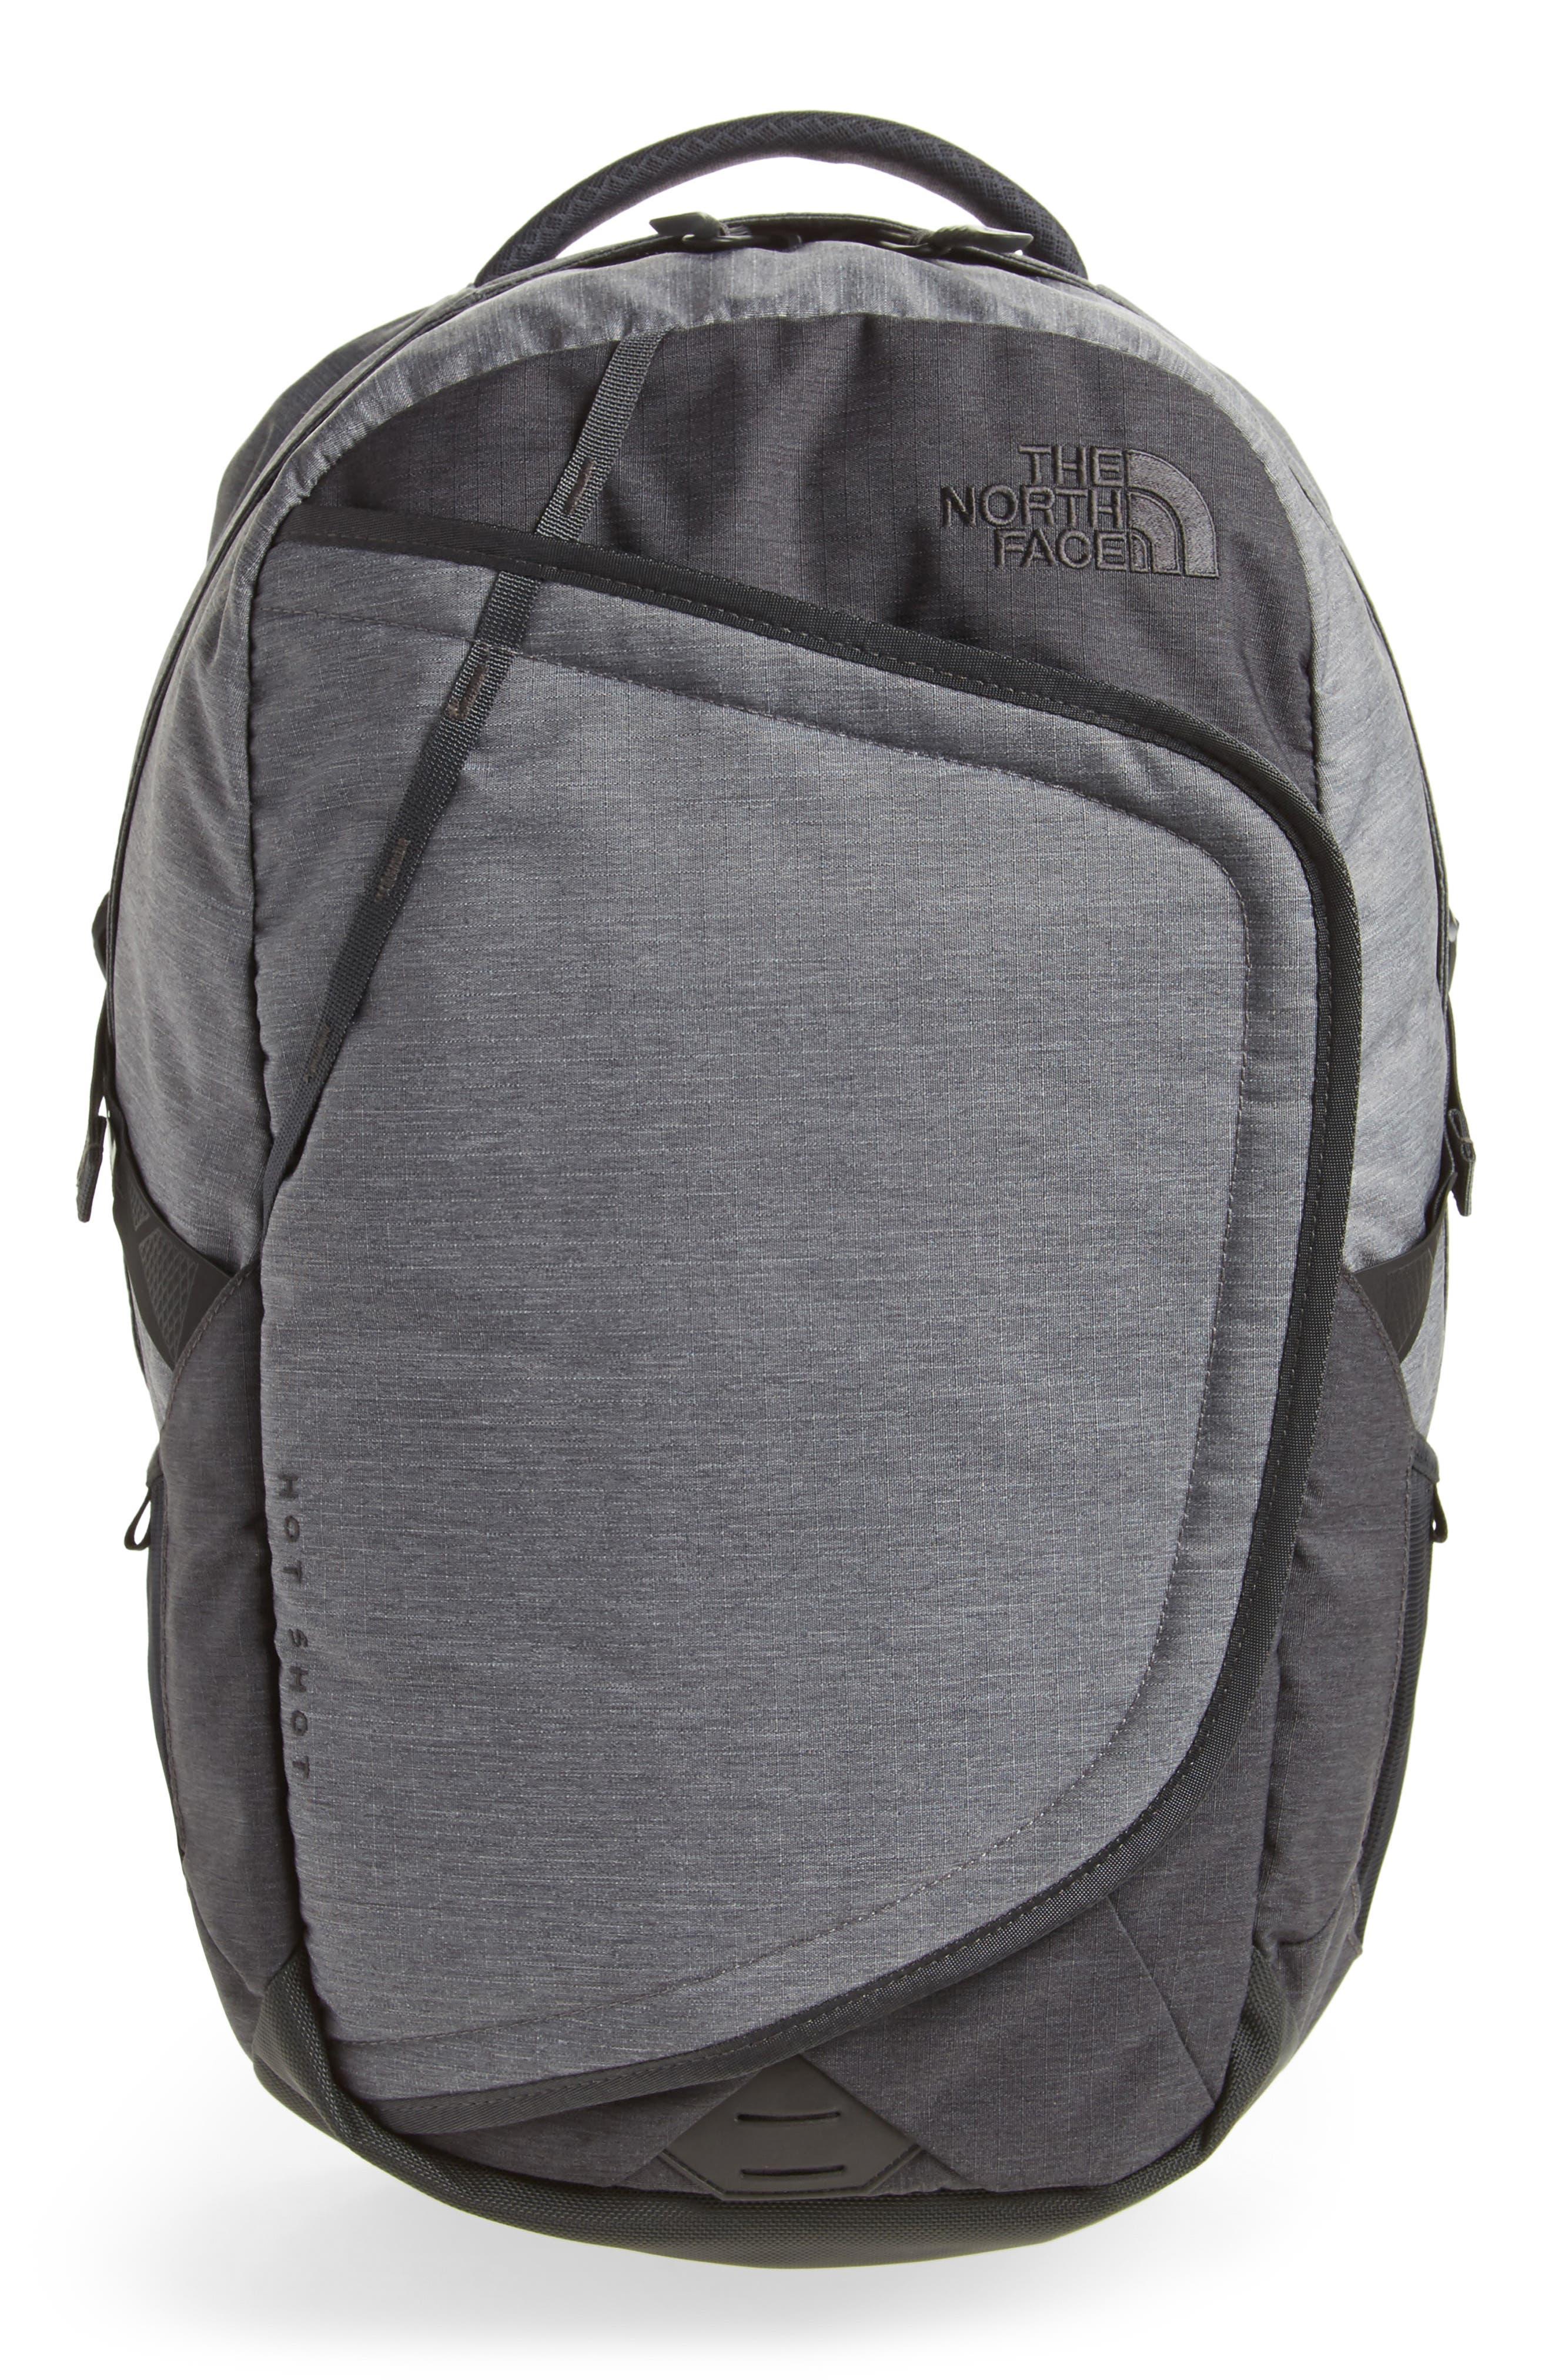 Hot Shot Backpack,                             Main thumbnail 1, color,                             021